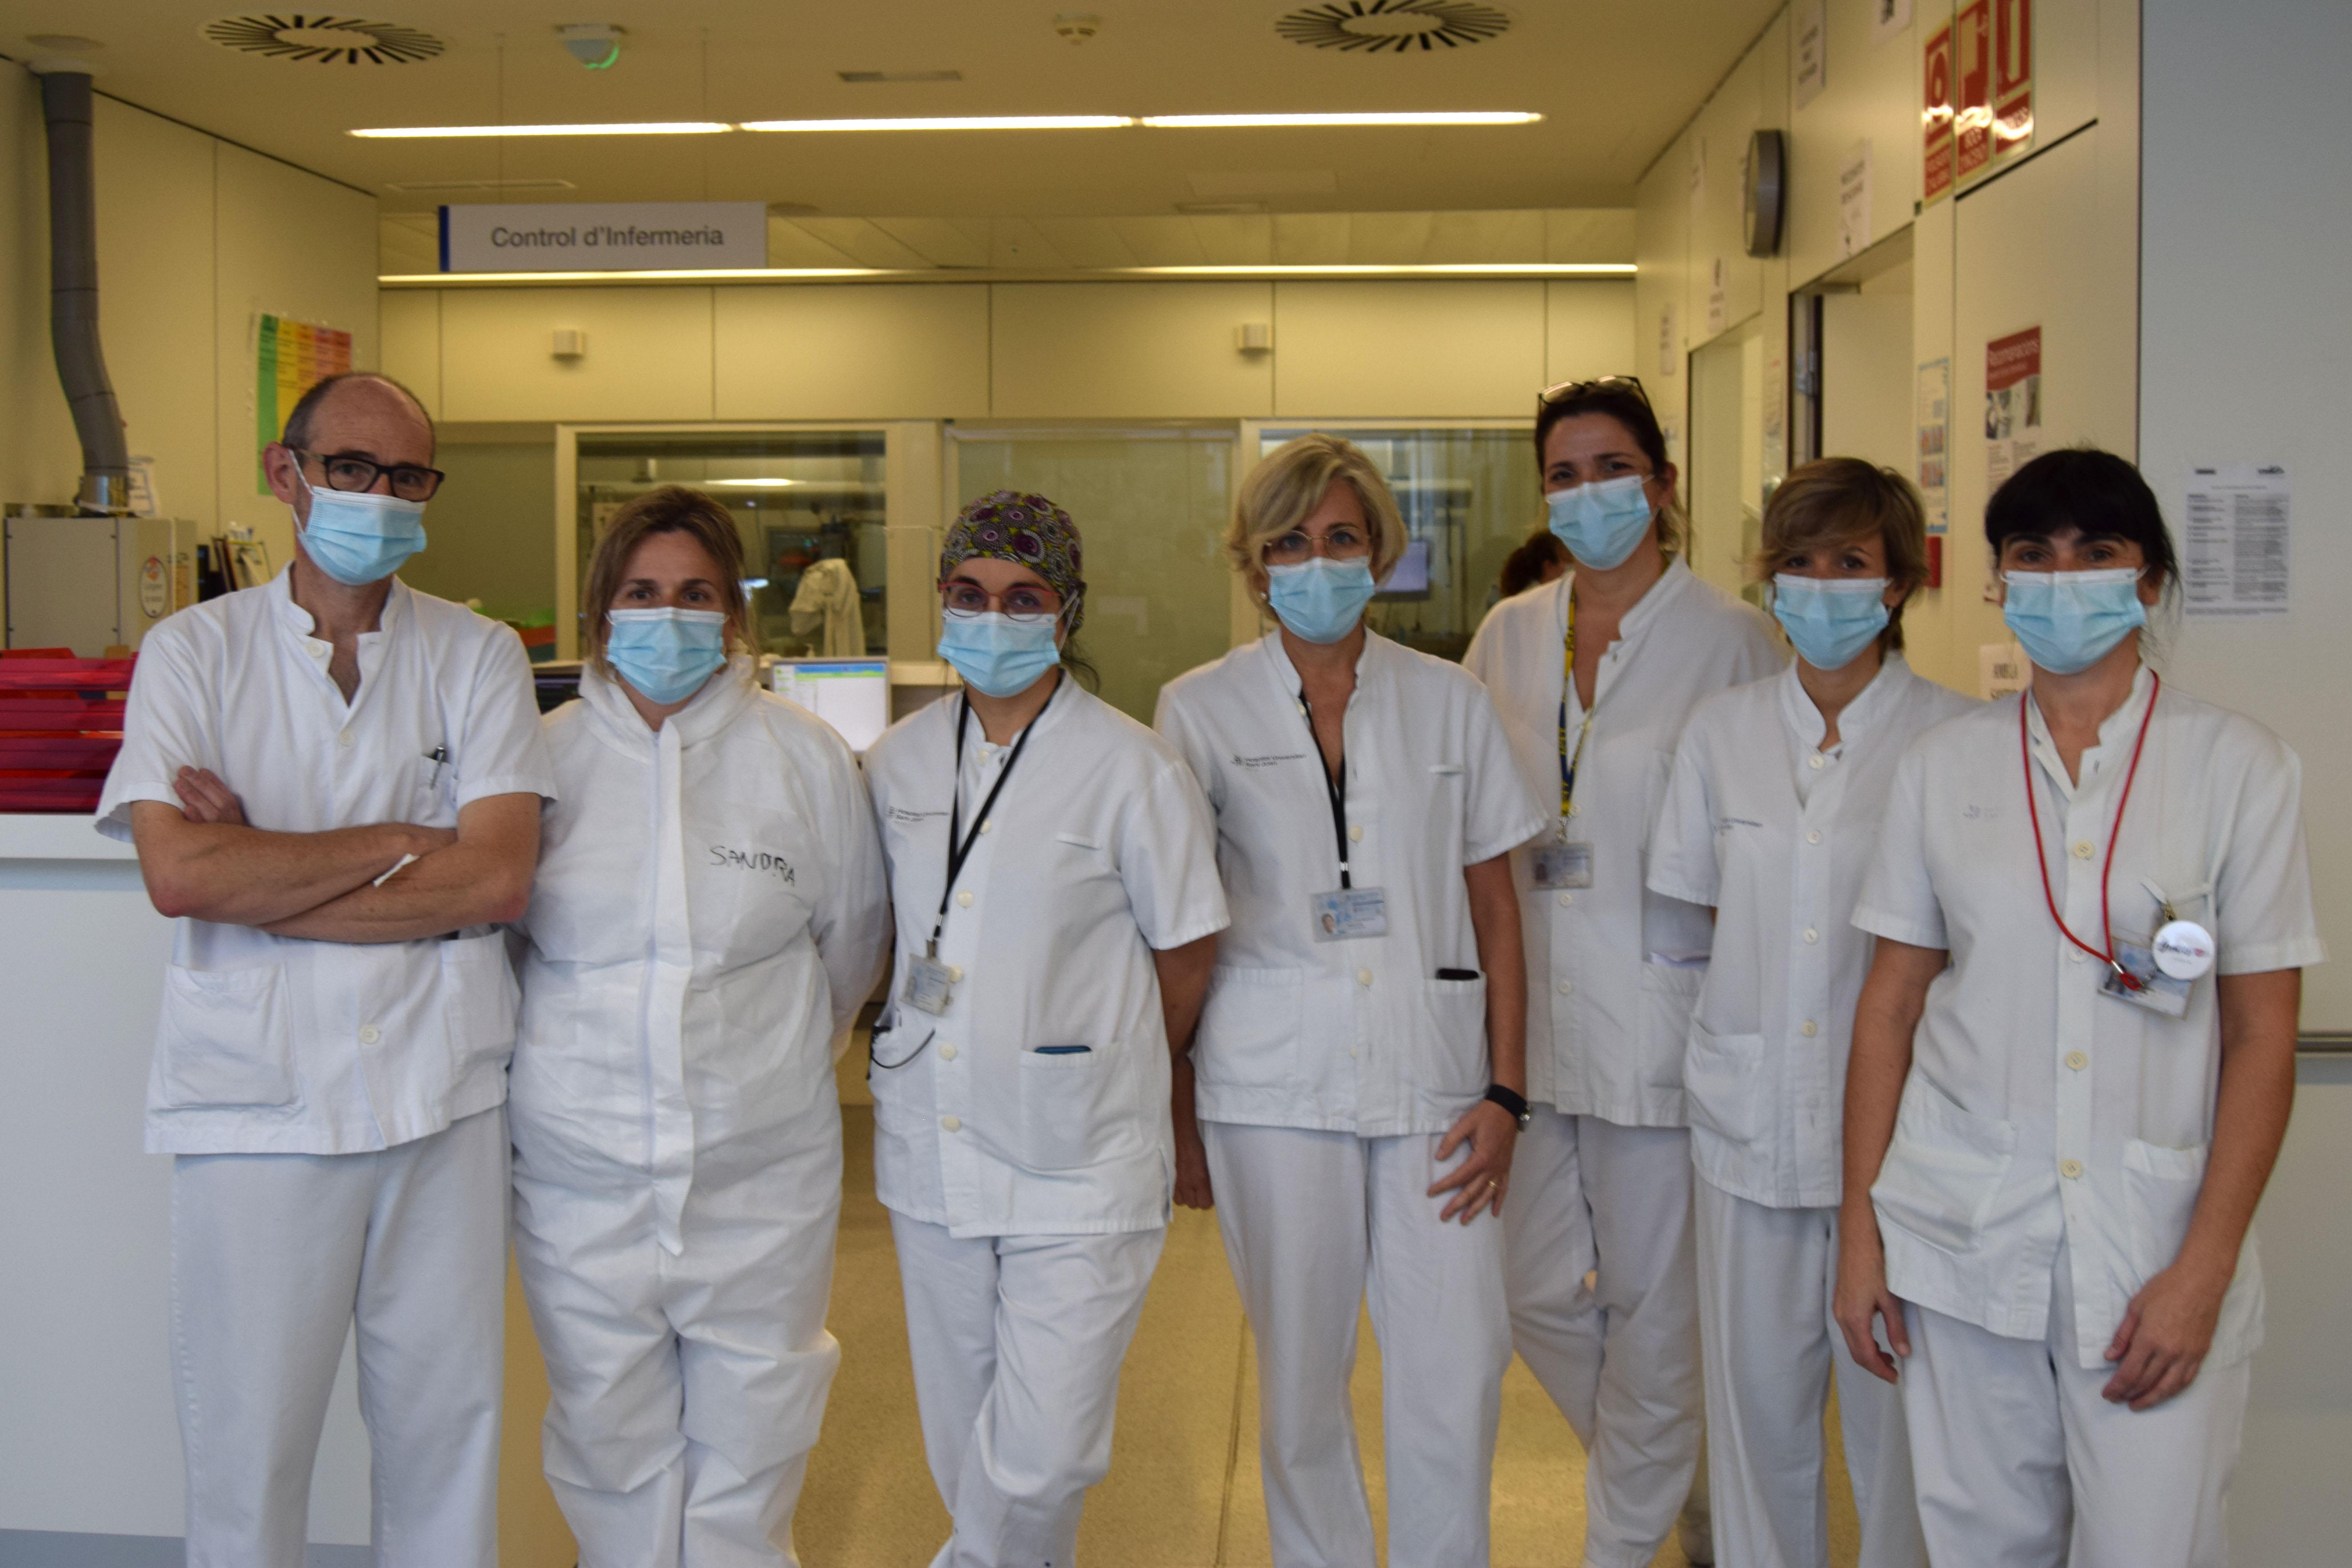 L'equip de l'Hospital Sant Joan de Reus que ha gestionat el primer donant d'òrgans i teixits en asistòlia controlada